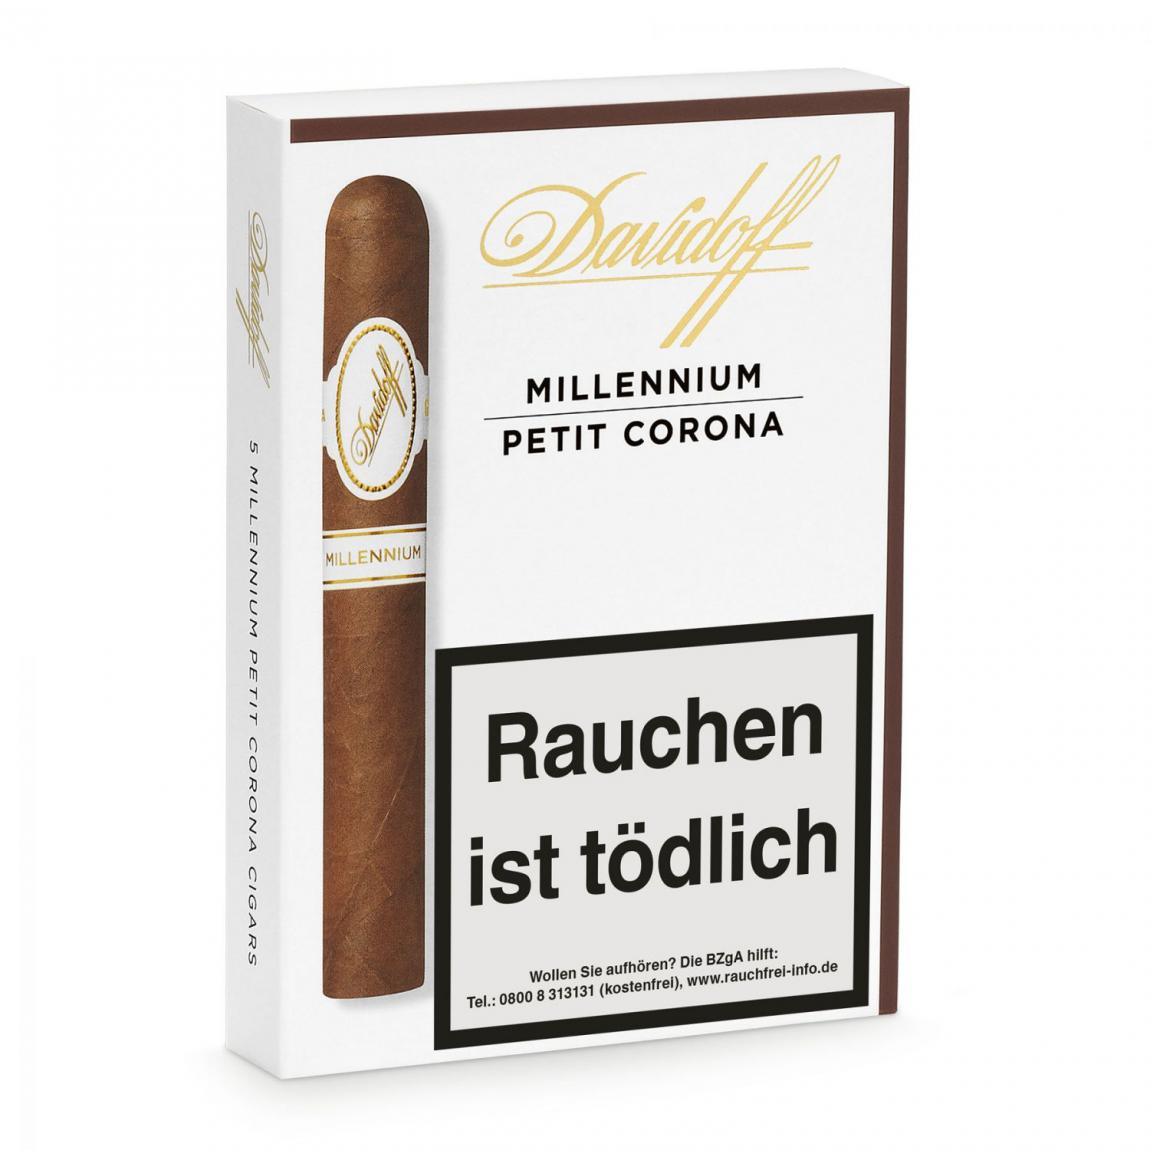 *Davidoff »Millennium« Petit Corona, 5er Schachtel